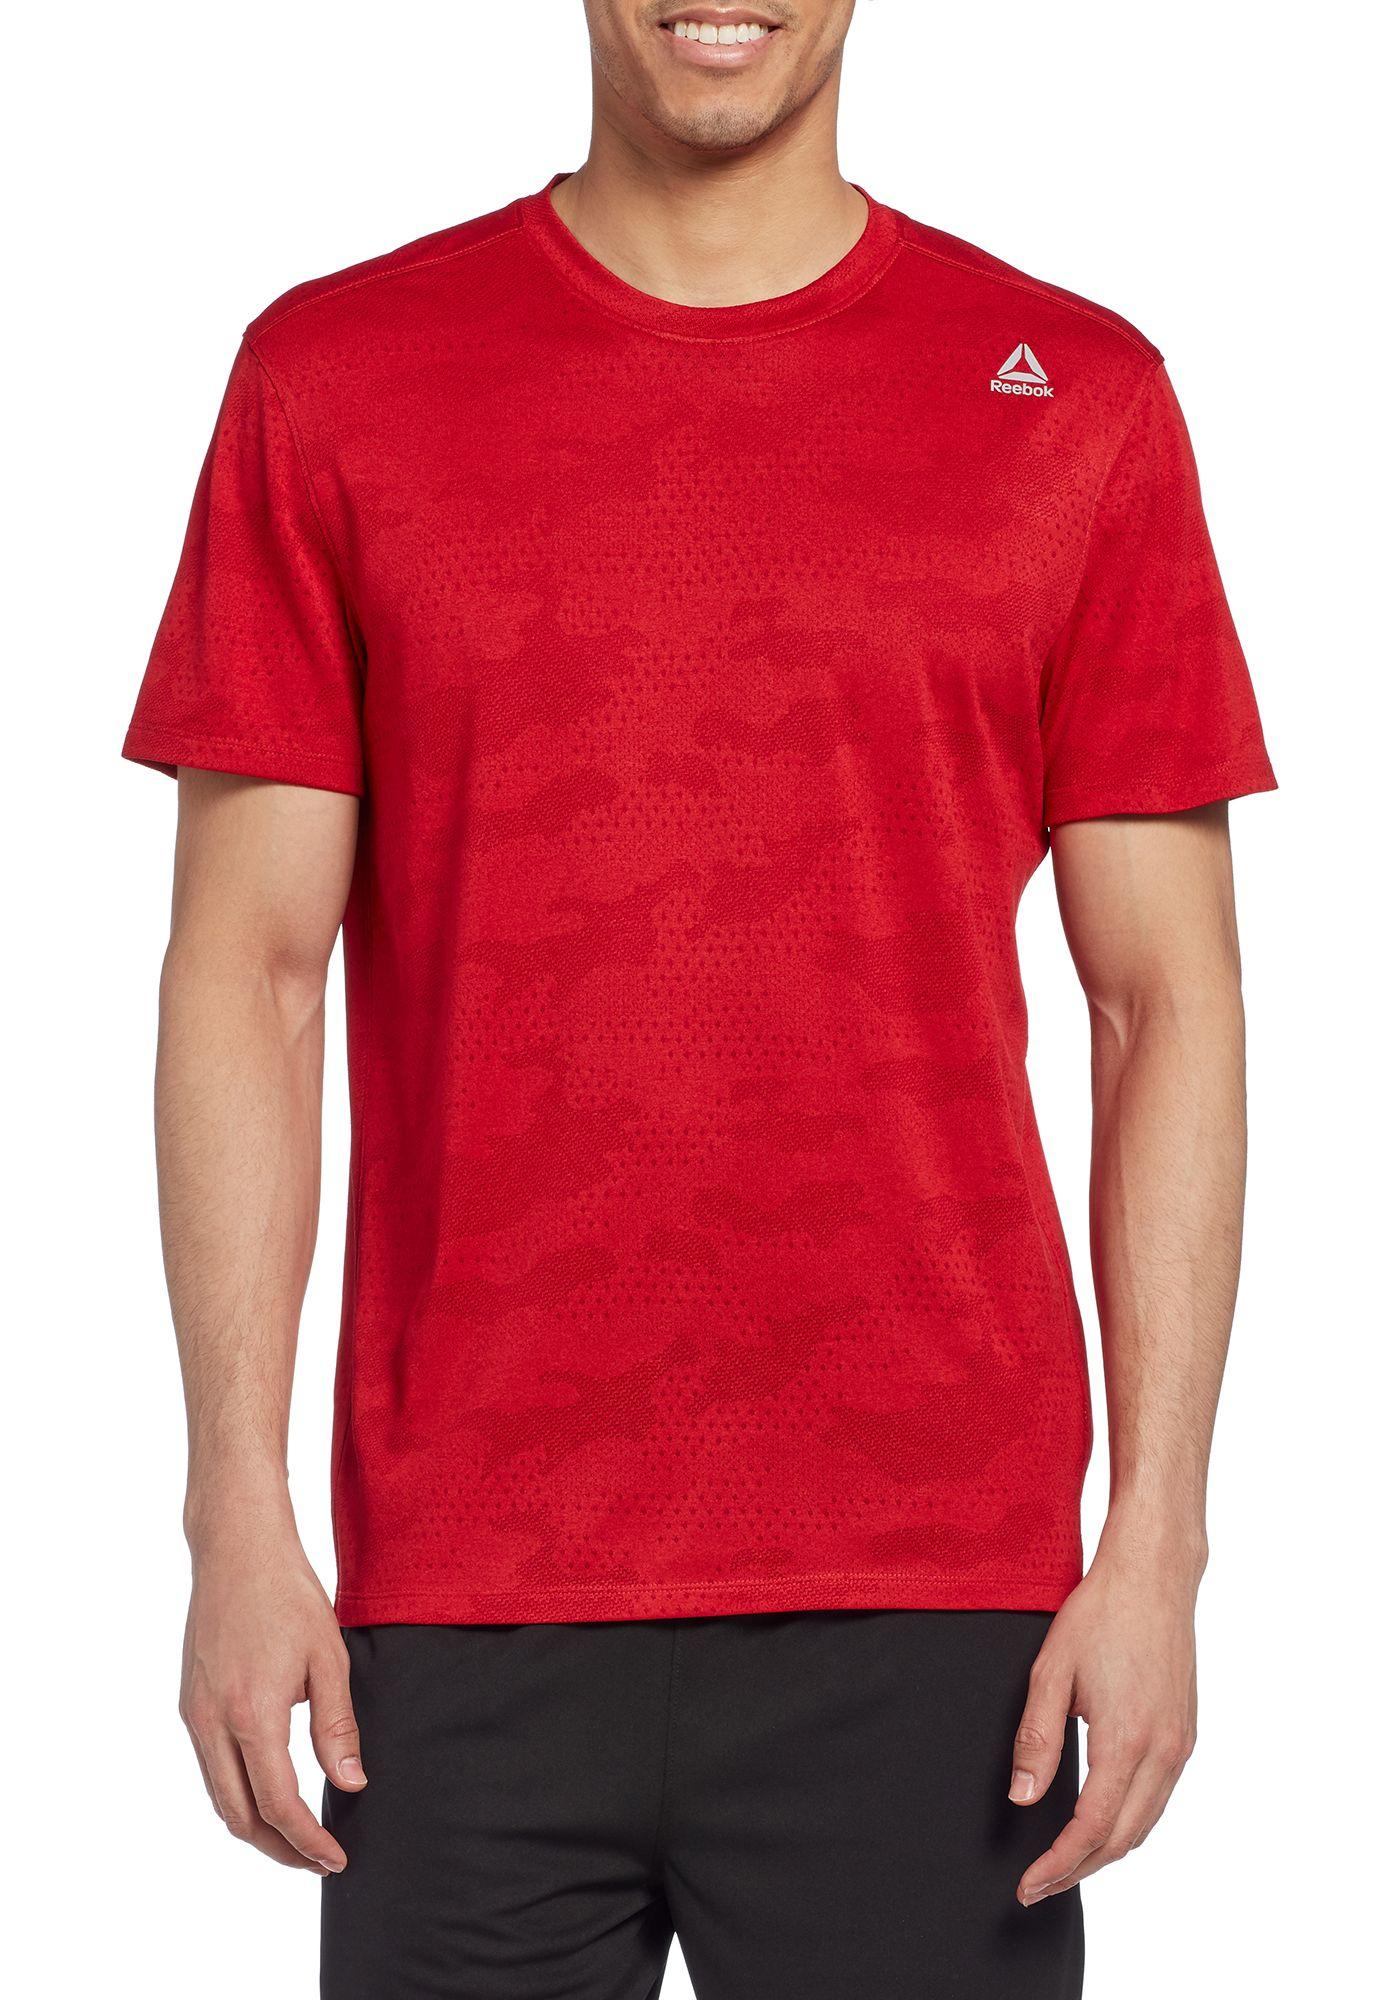 Reebok Men's Jacquard Performance T-Shirt